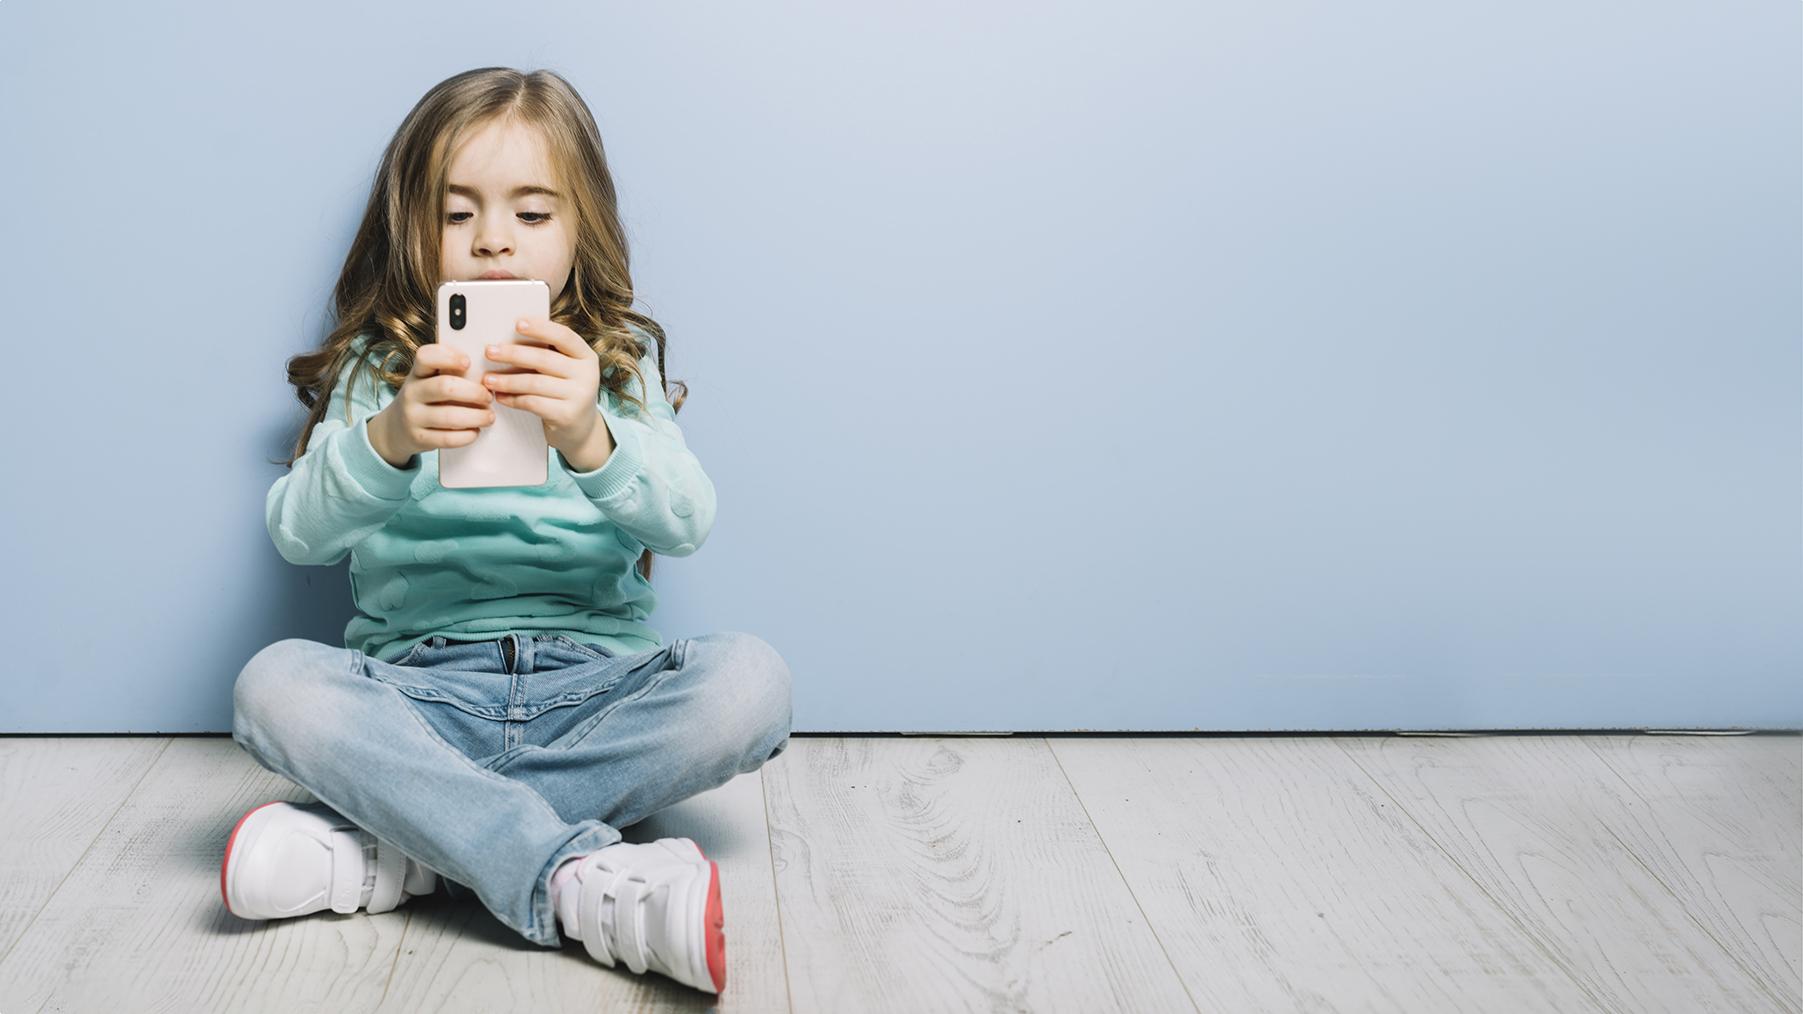 El Primer Móvil De Los Hijos E Hijas: ¿cuándo, Cómo, Cuál Y Por Qué?